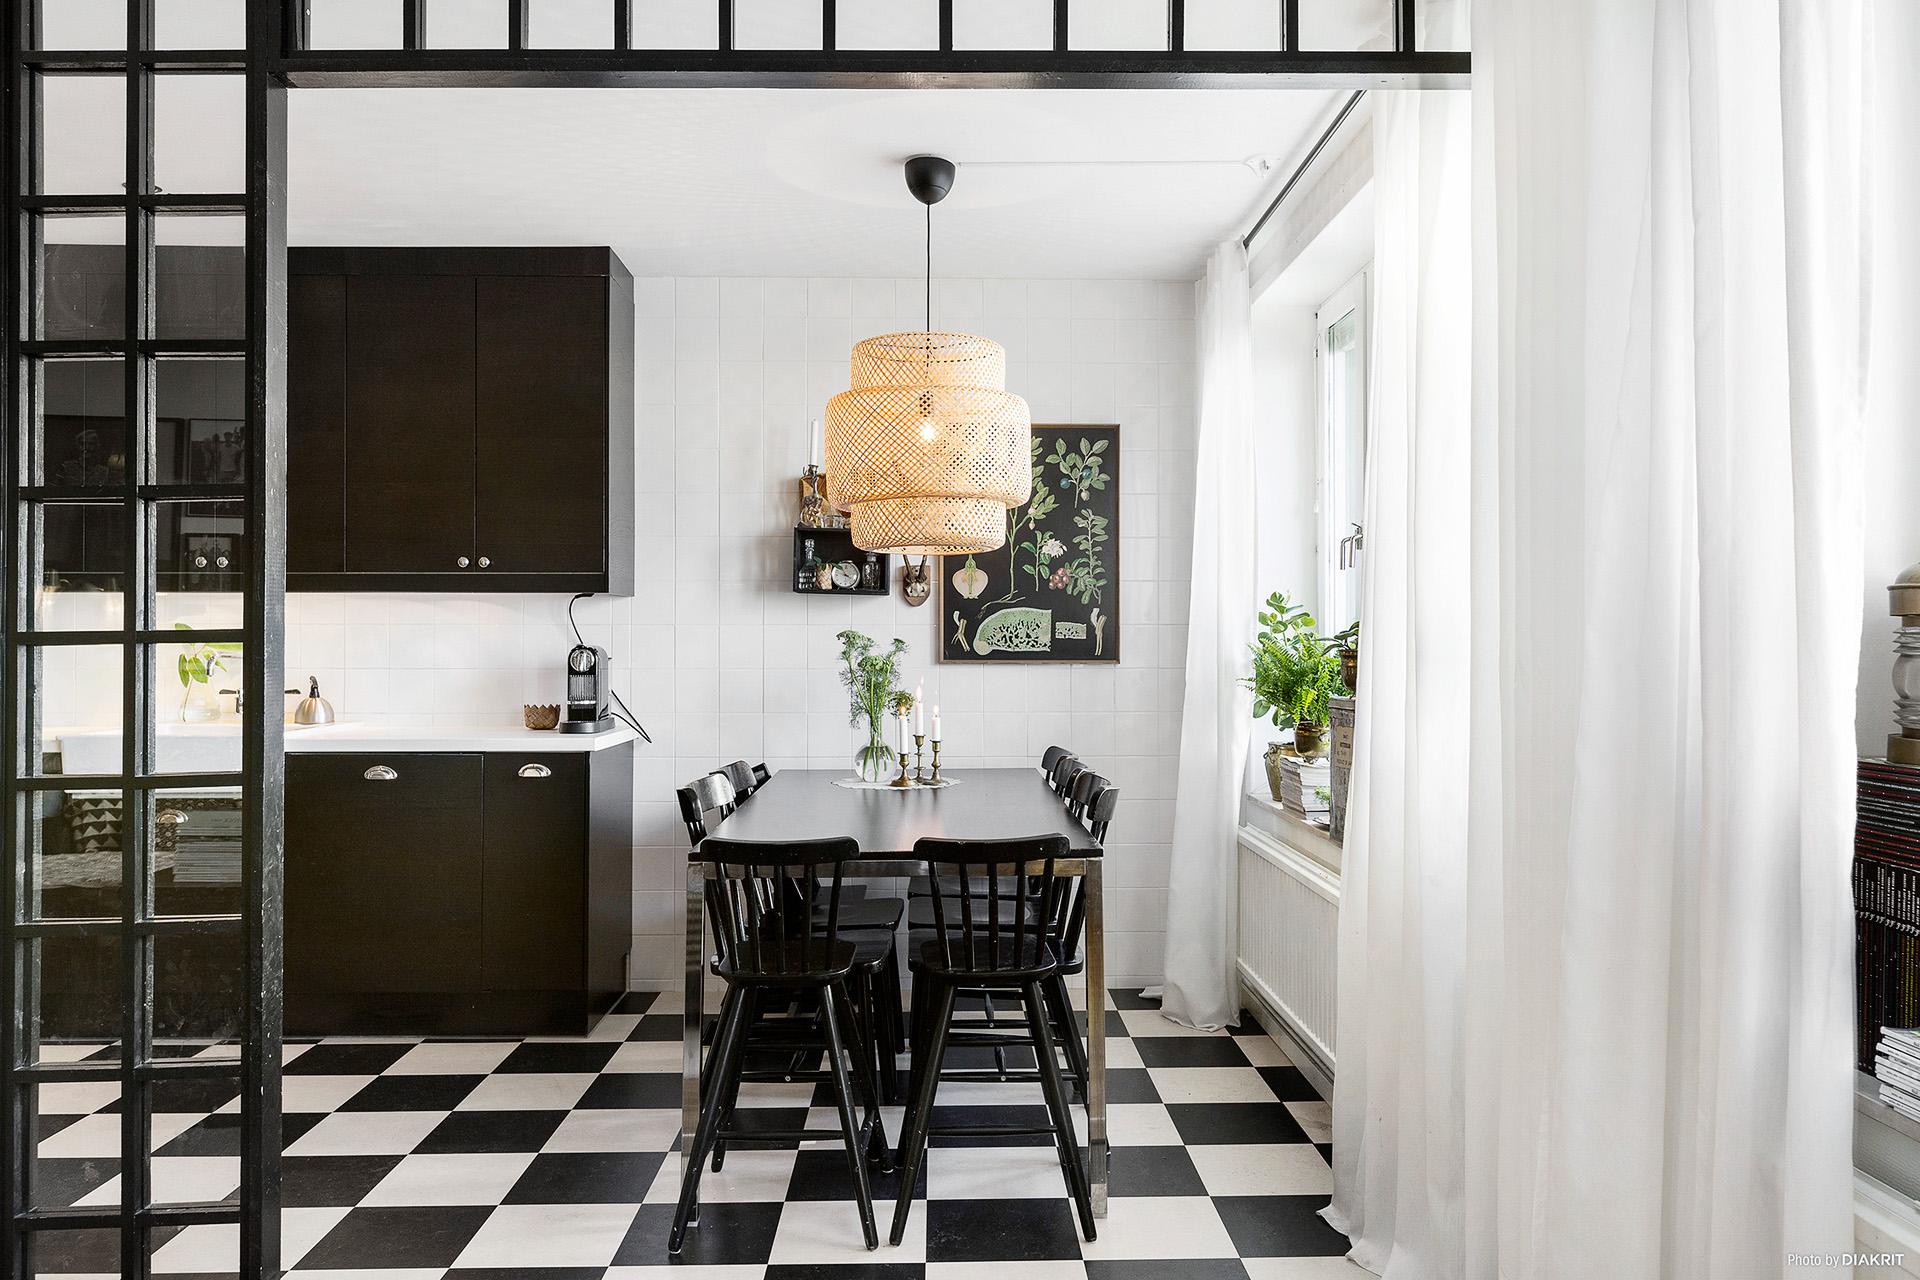 кухня стол стулья лампа пол плитка черно-белый